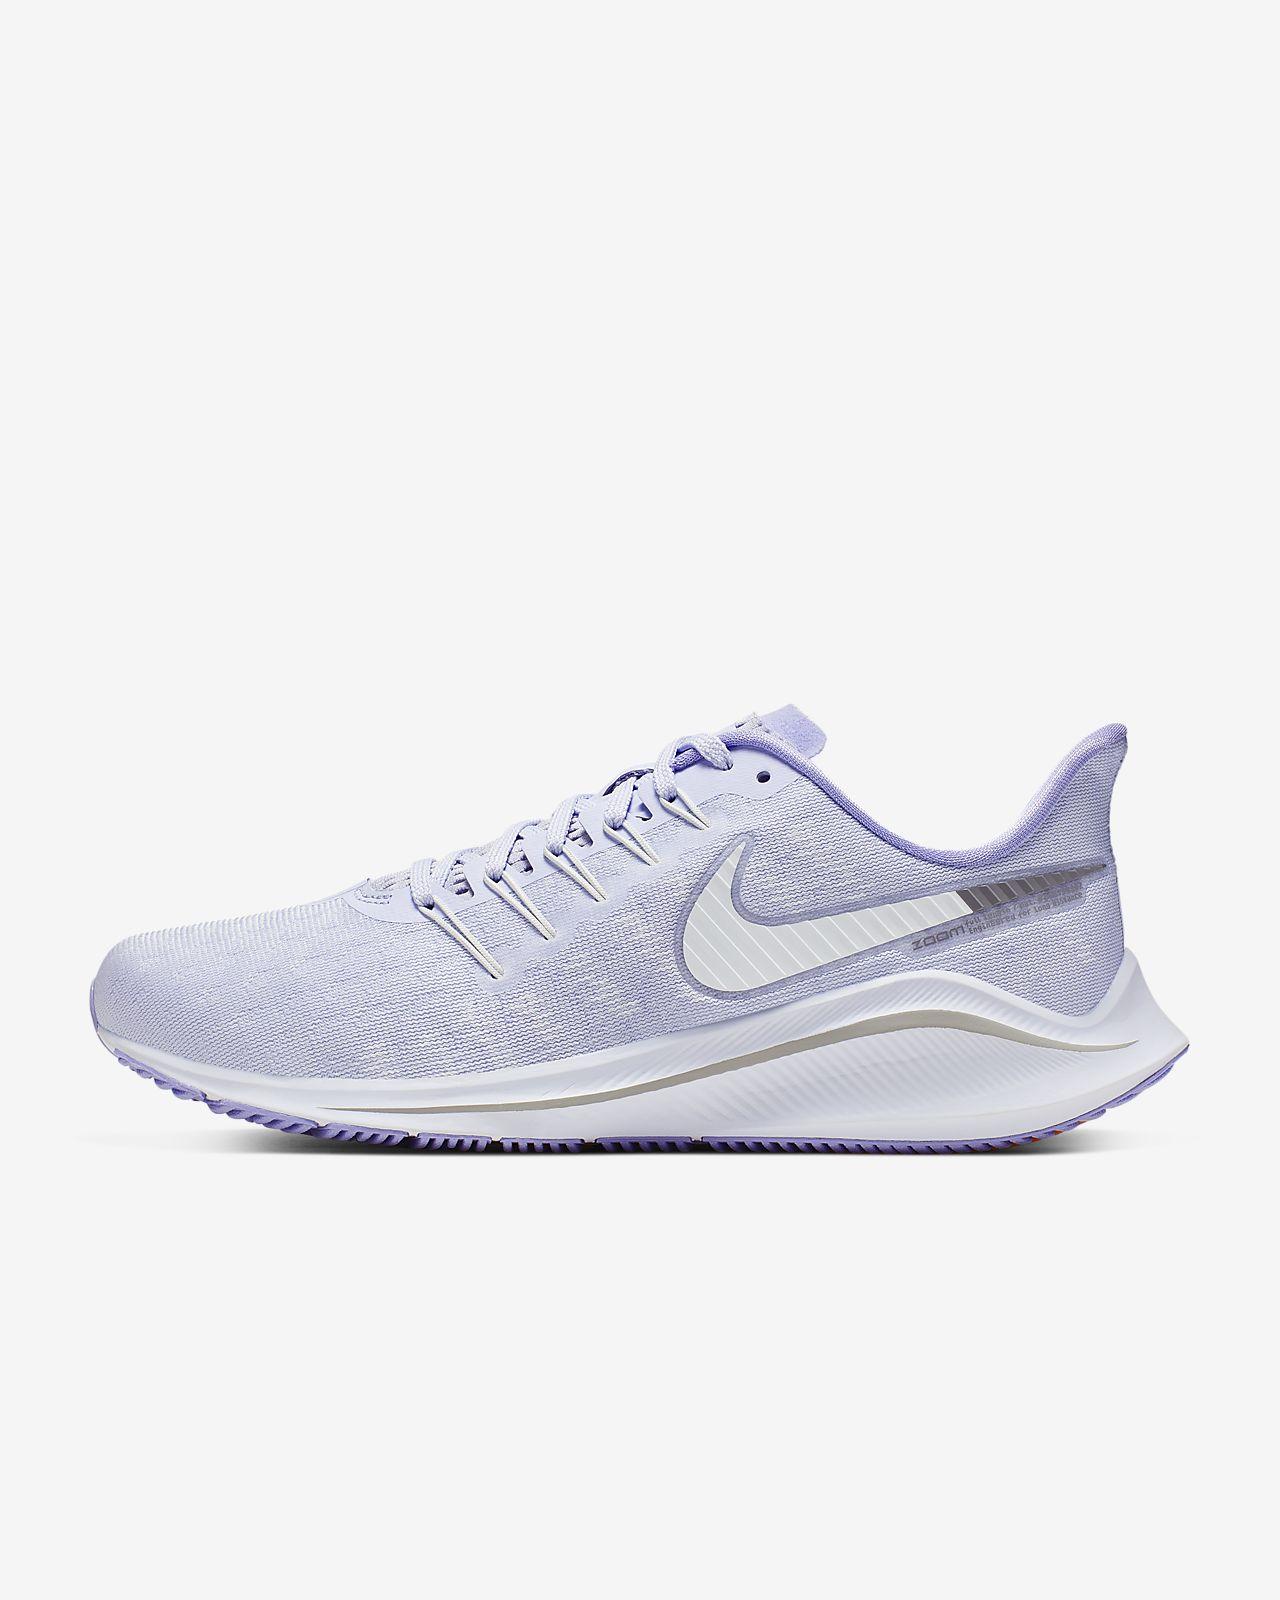 Nike Air Zoom Vomero 14 Women's Running Shoe